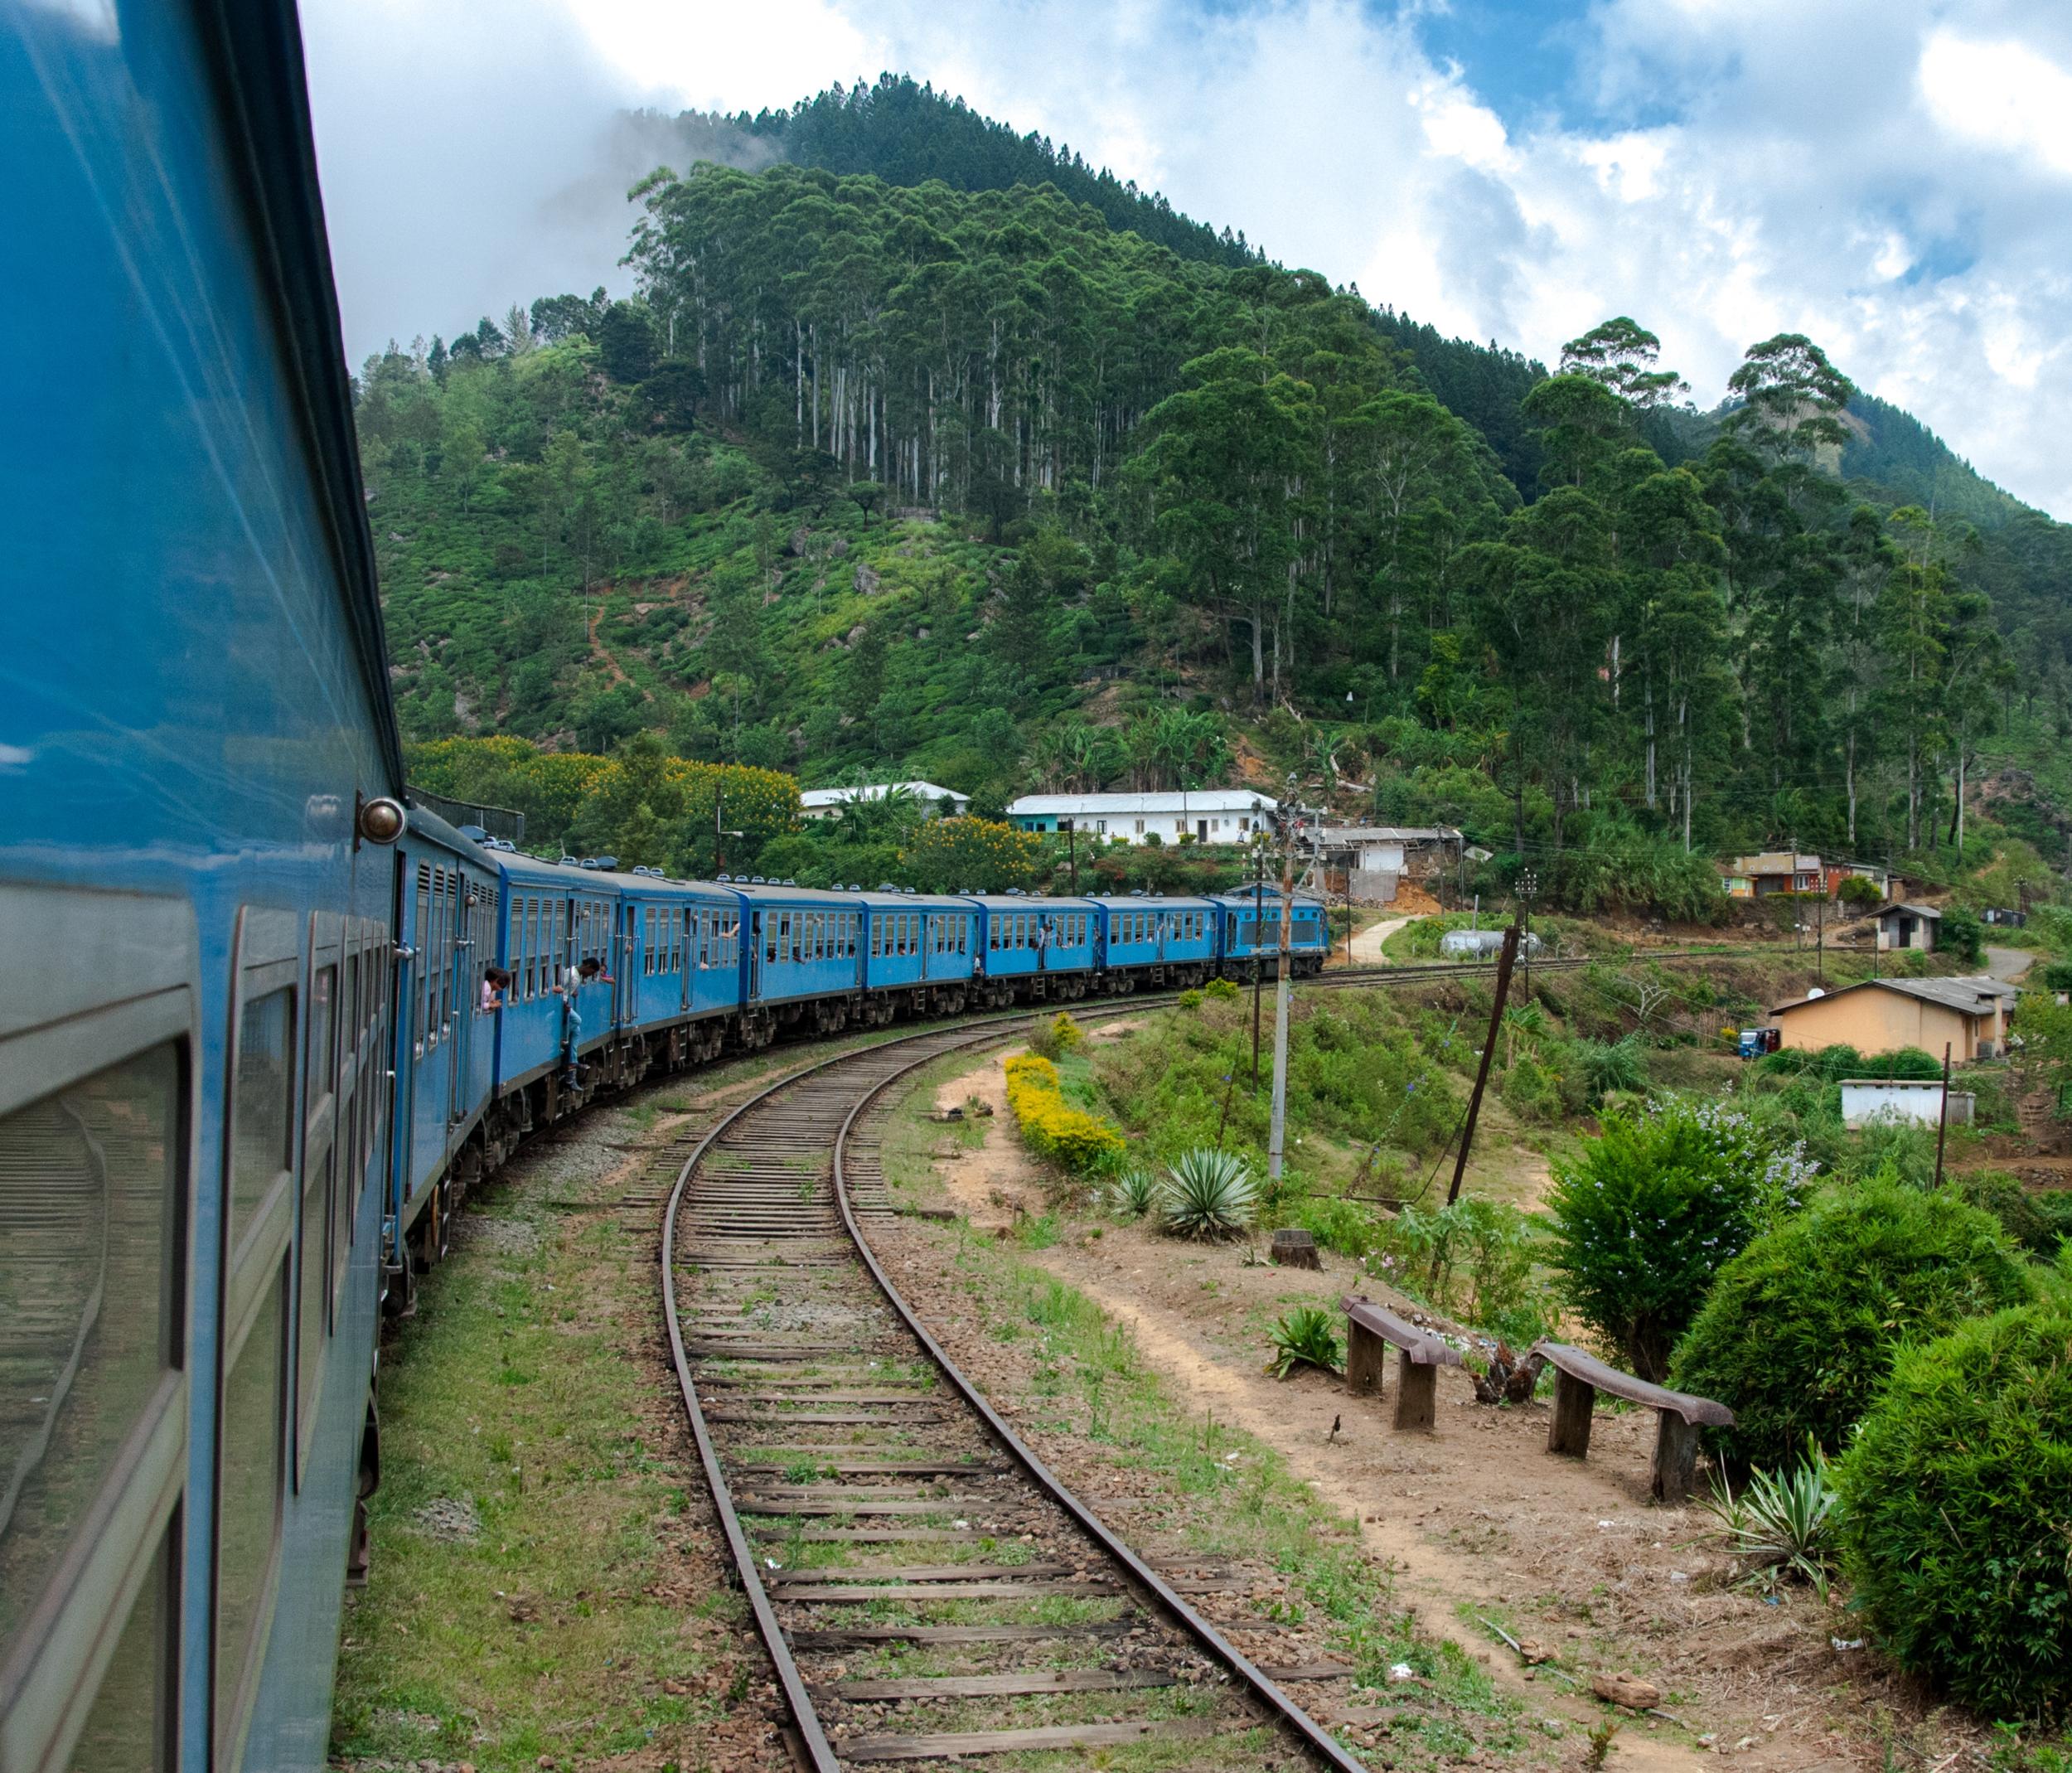 Sri Lanka train journey from Kandy to Ella.Photo by  Luuk Bolding